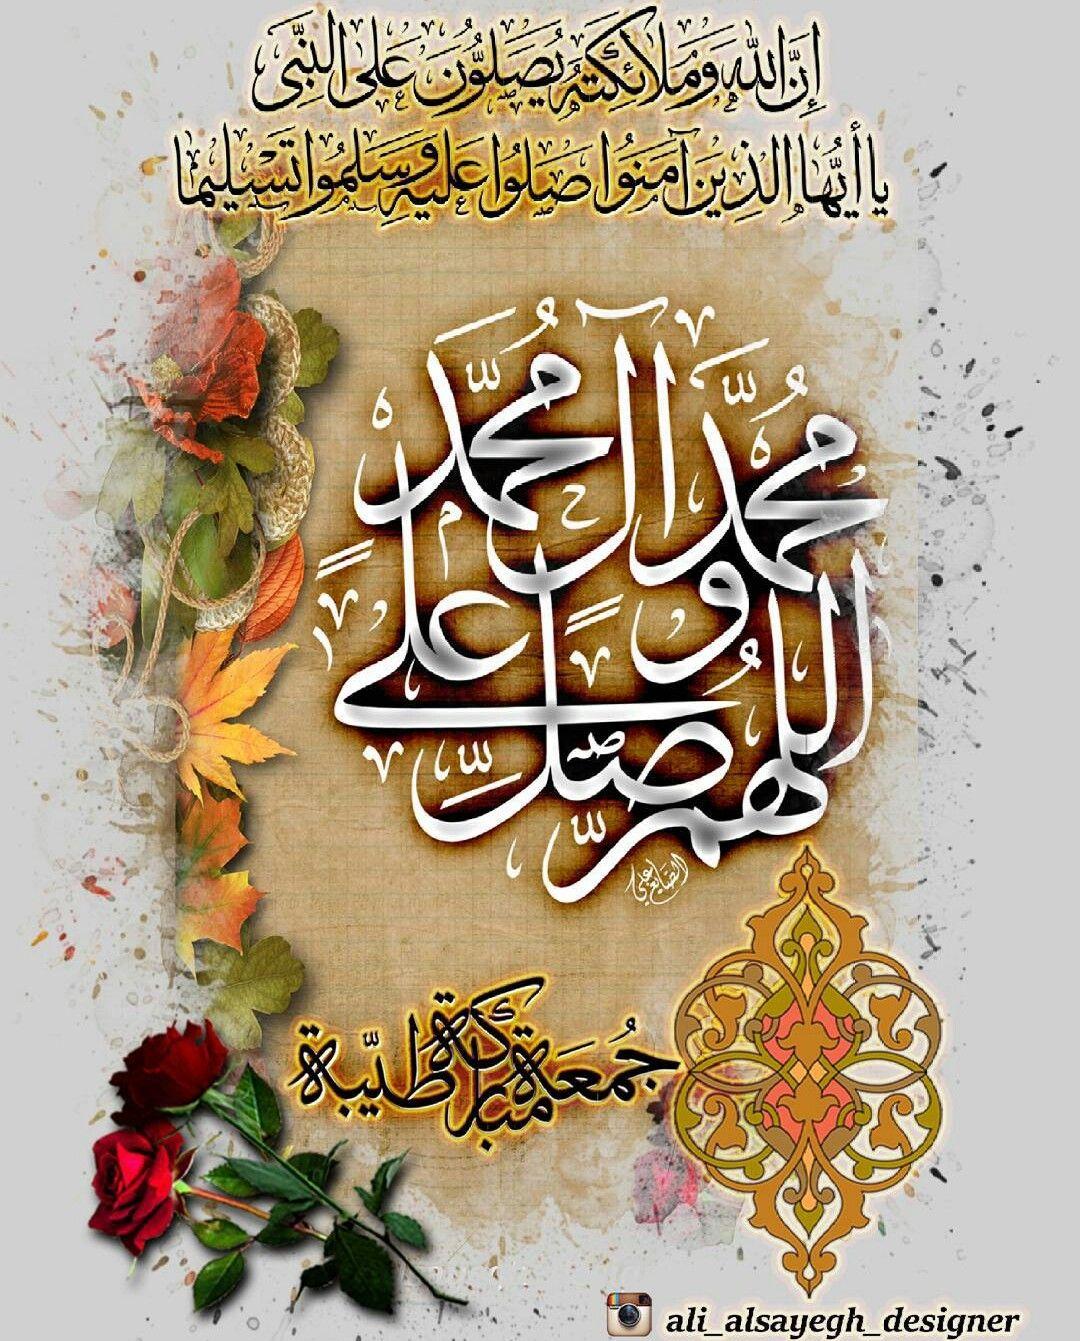 اللهم صل على محمد وال محمد Islamic Art Calligraphy Islamic Paintings Islamic Gifts